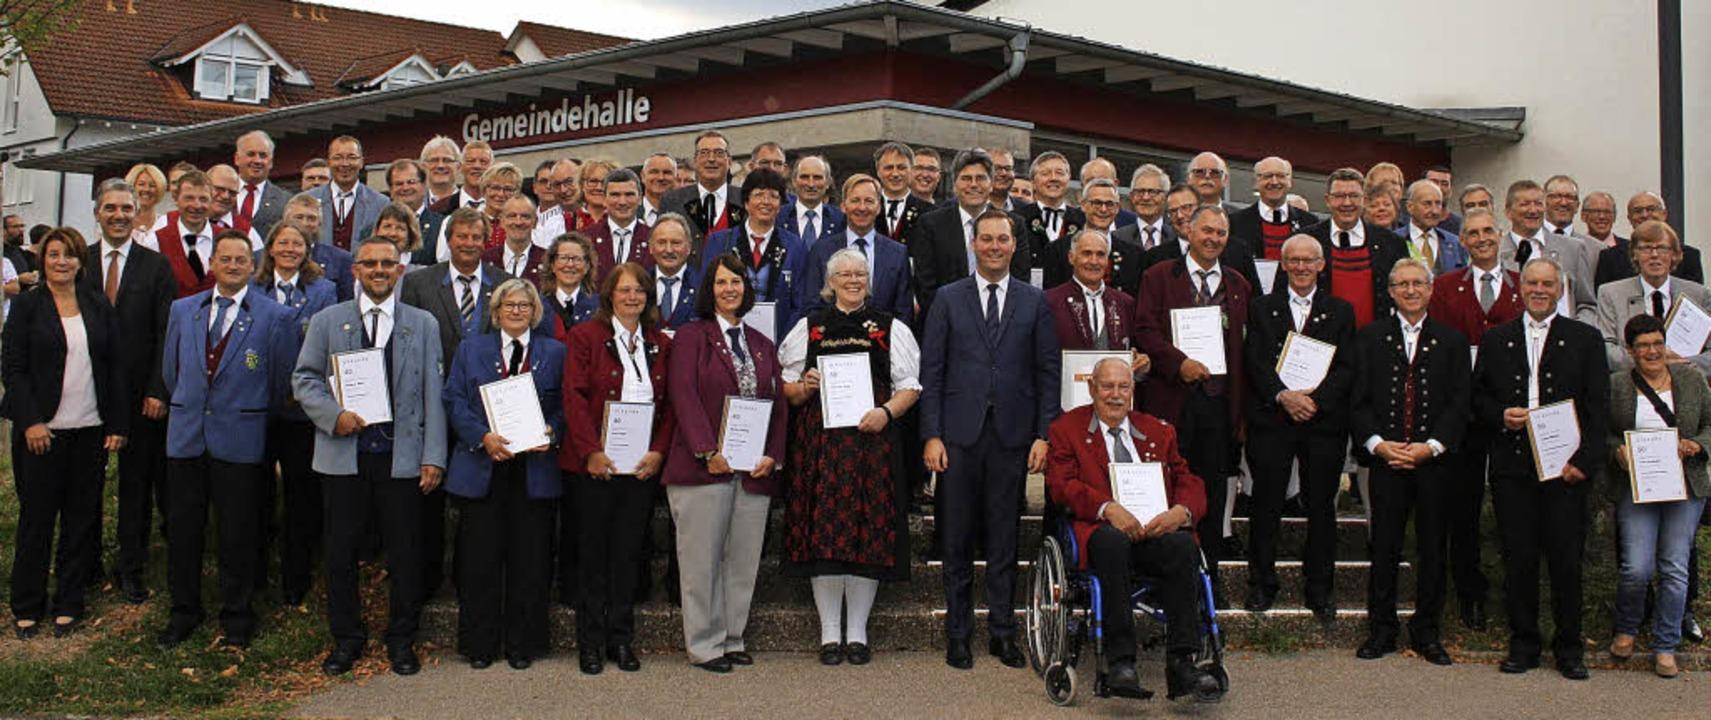 Mehr als 90 langjährige Musiker wurden... Hochrhein mit Felix Schreiner hinzu.     Foto: Yvonne Würth